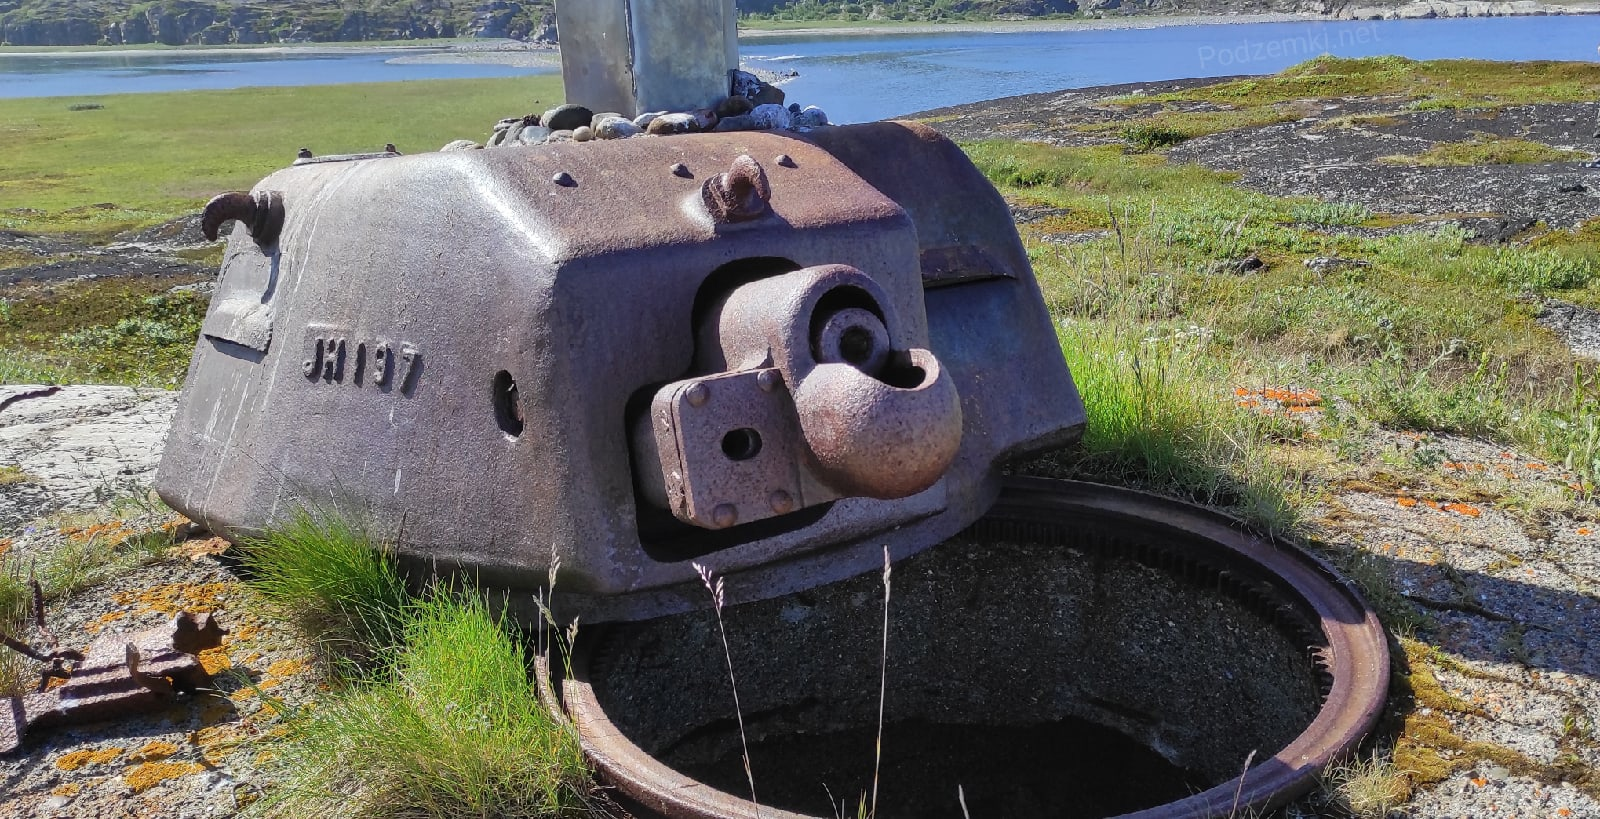 Огневая точка с башней от французского танка. Единственная в России